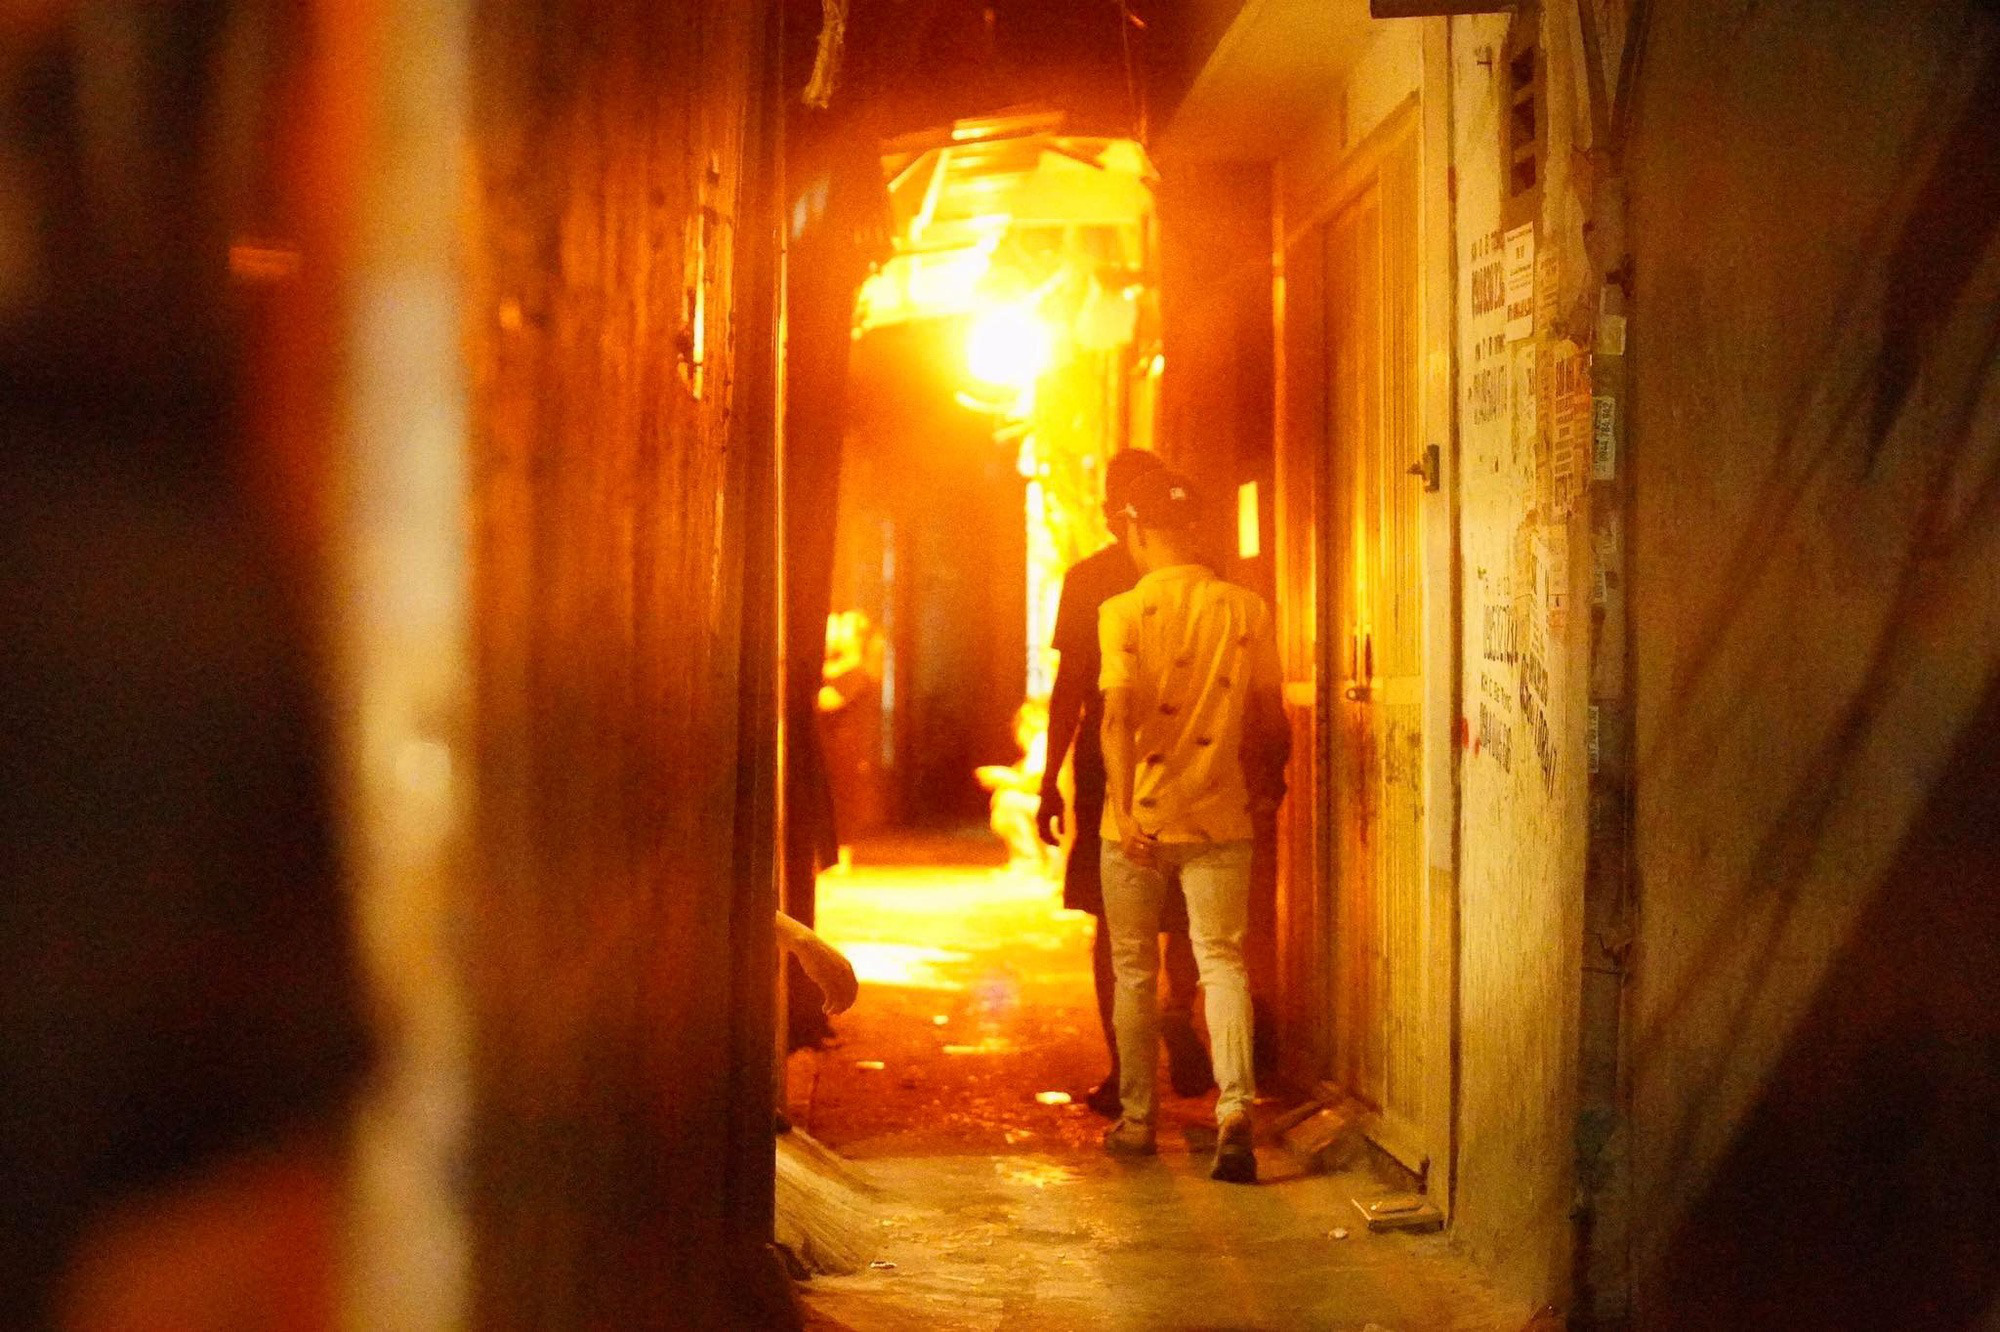 Nóng: Đã bắt được đối tượng bạo hành con gái dã man ở Bắc Ninh, sau đó bỏ trốn lên Hà Nội - Ảnh 2.